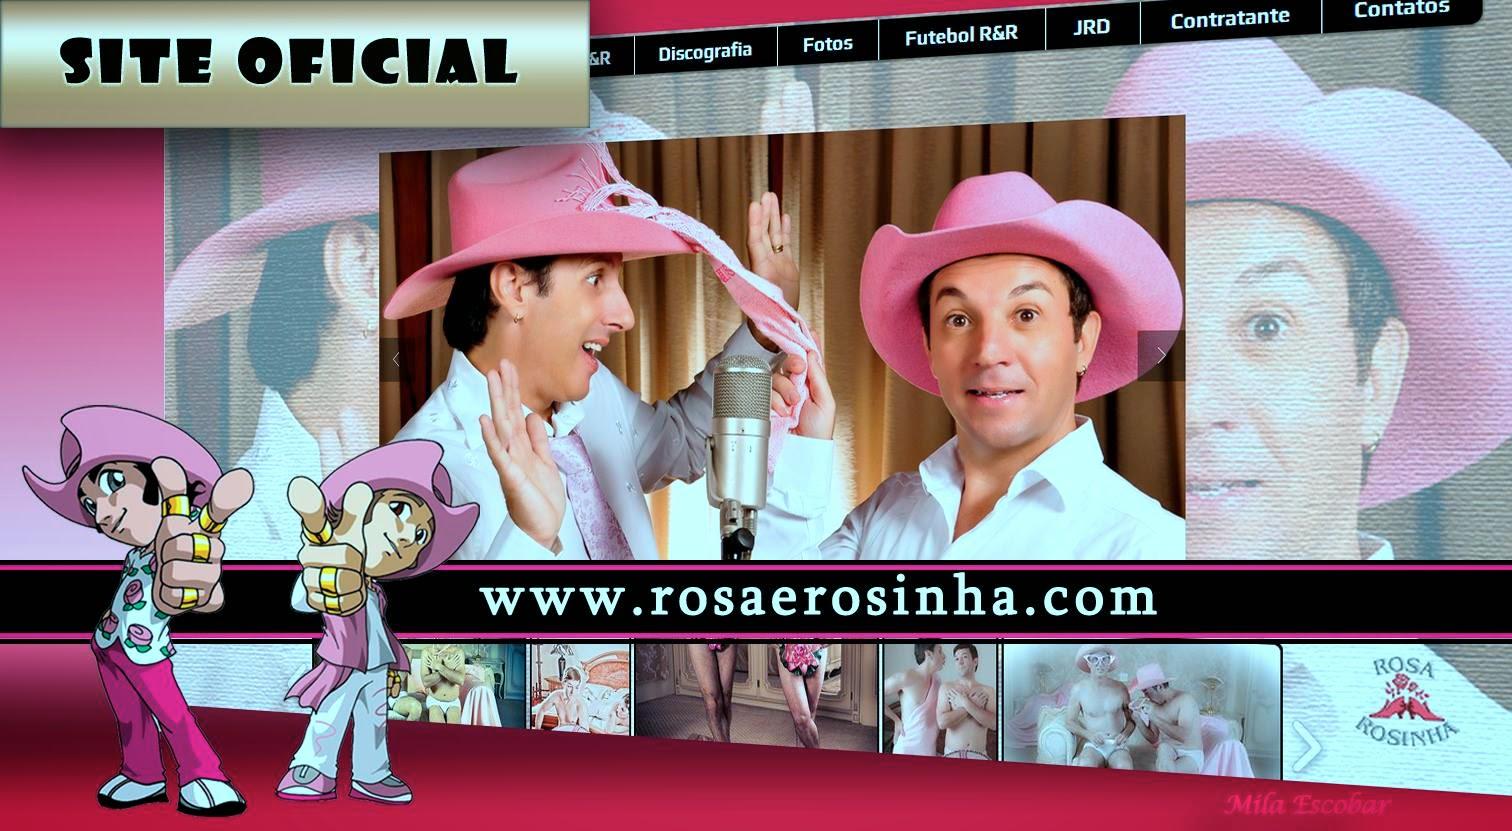 www.rosaerosinha.com